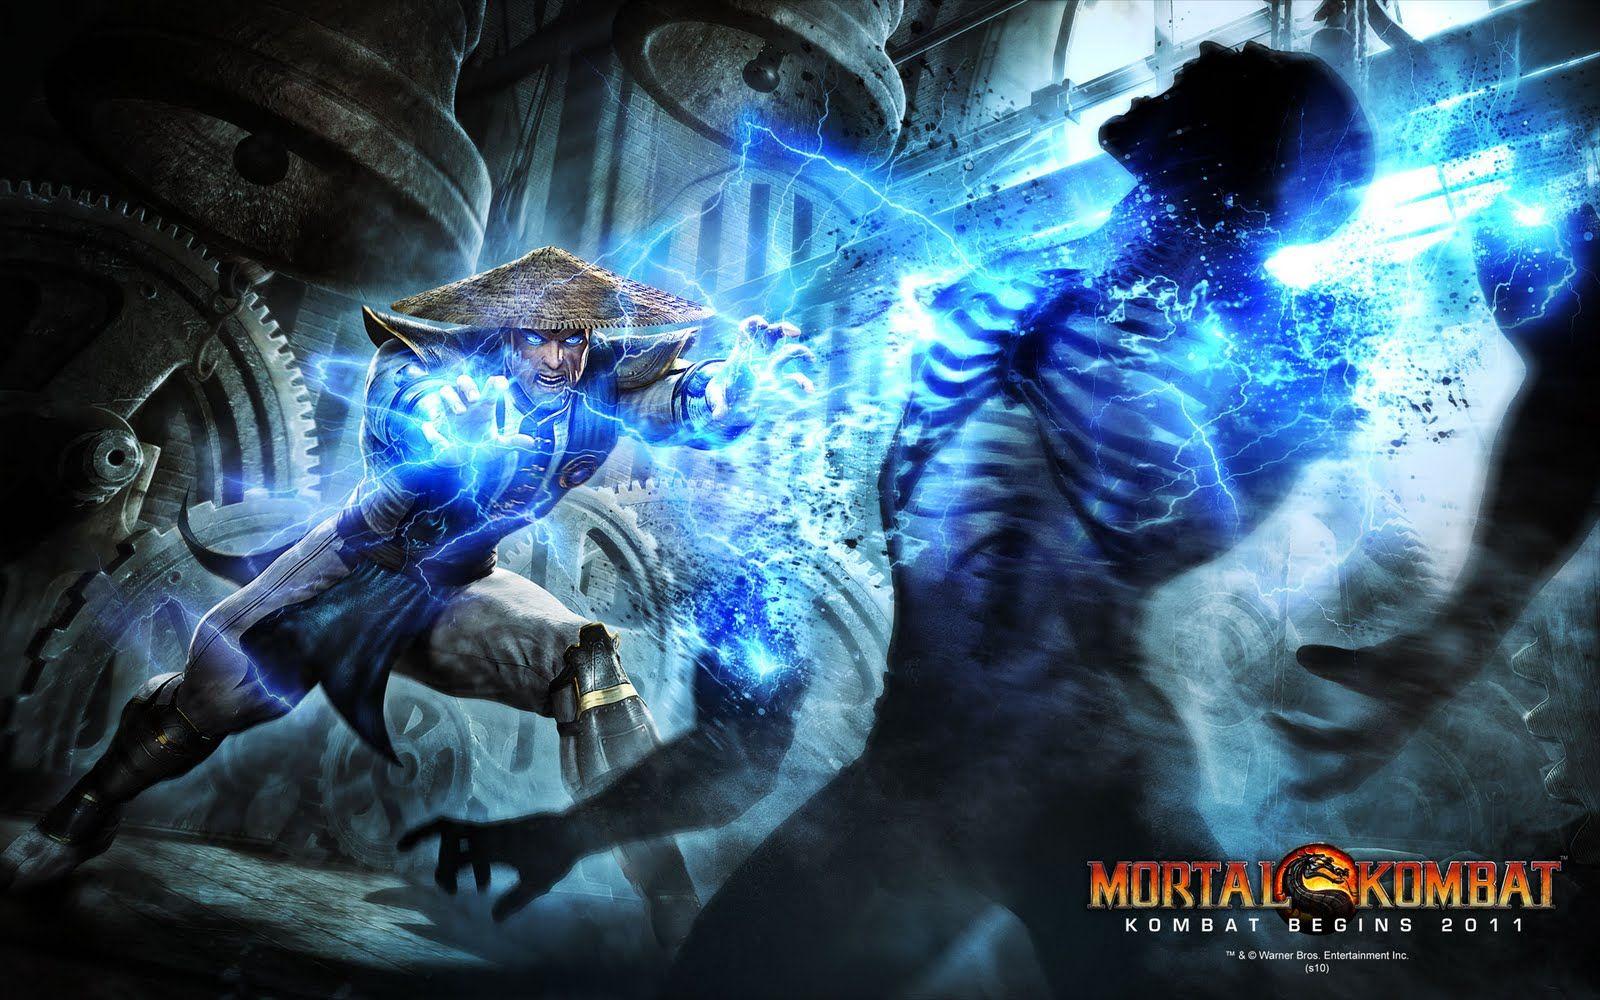 street fighter vs mortal kombat wallpaper